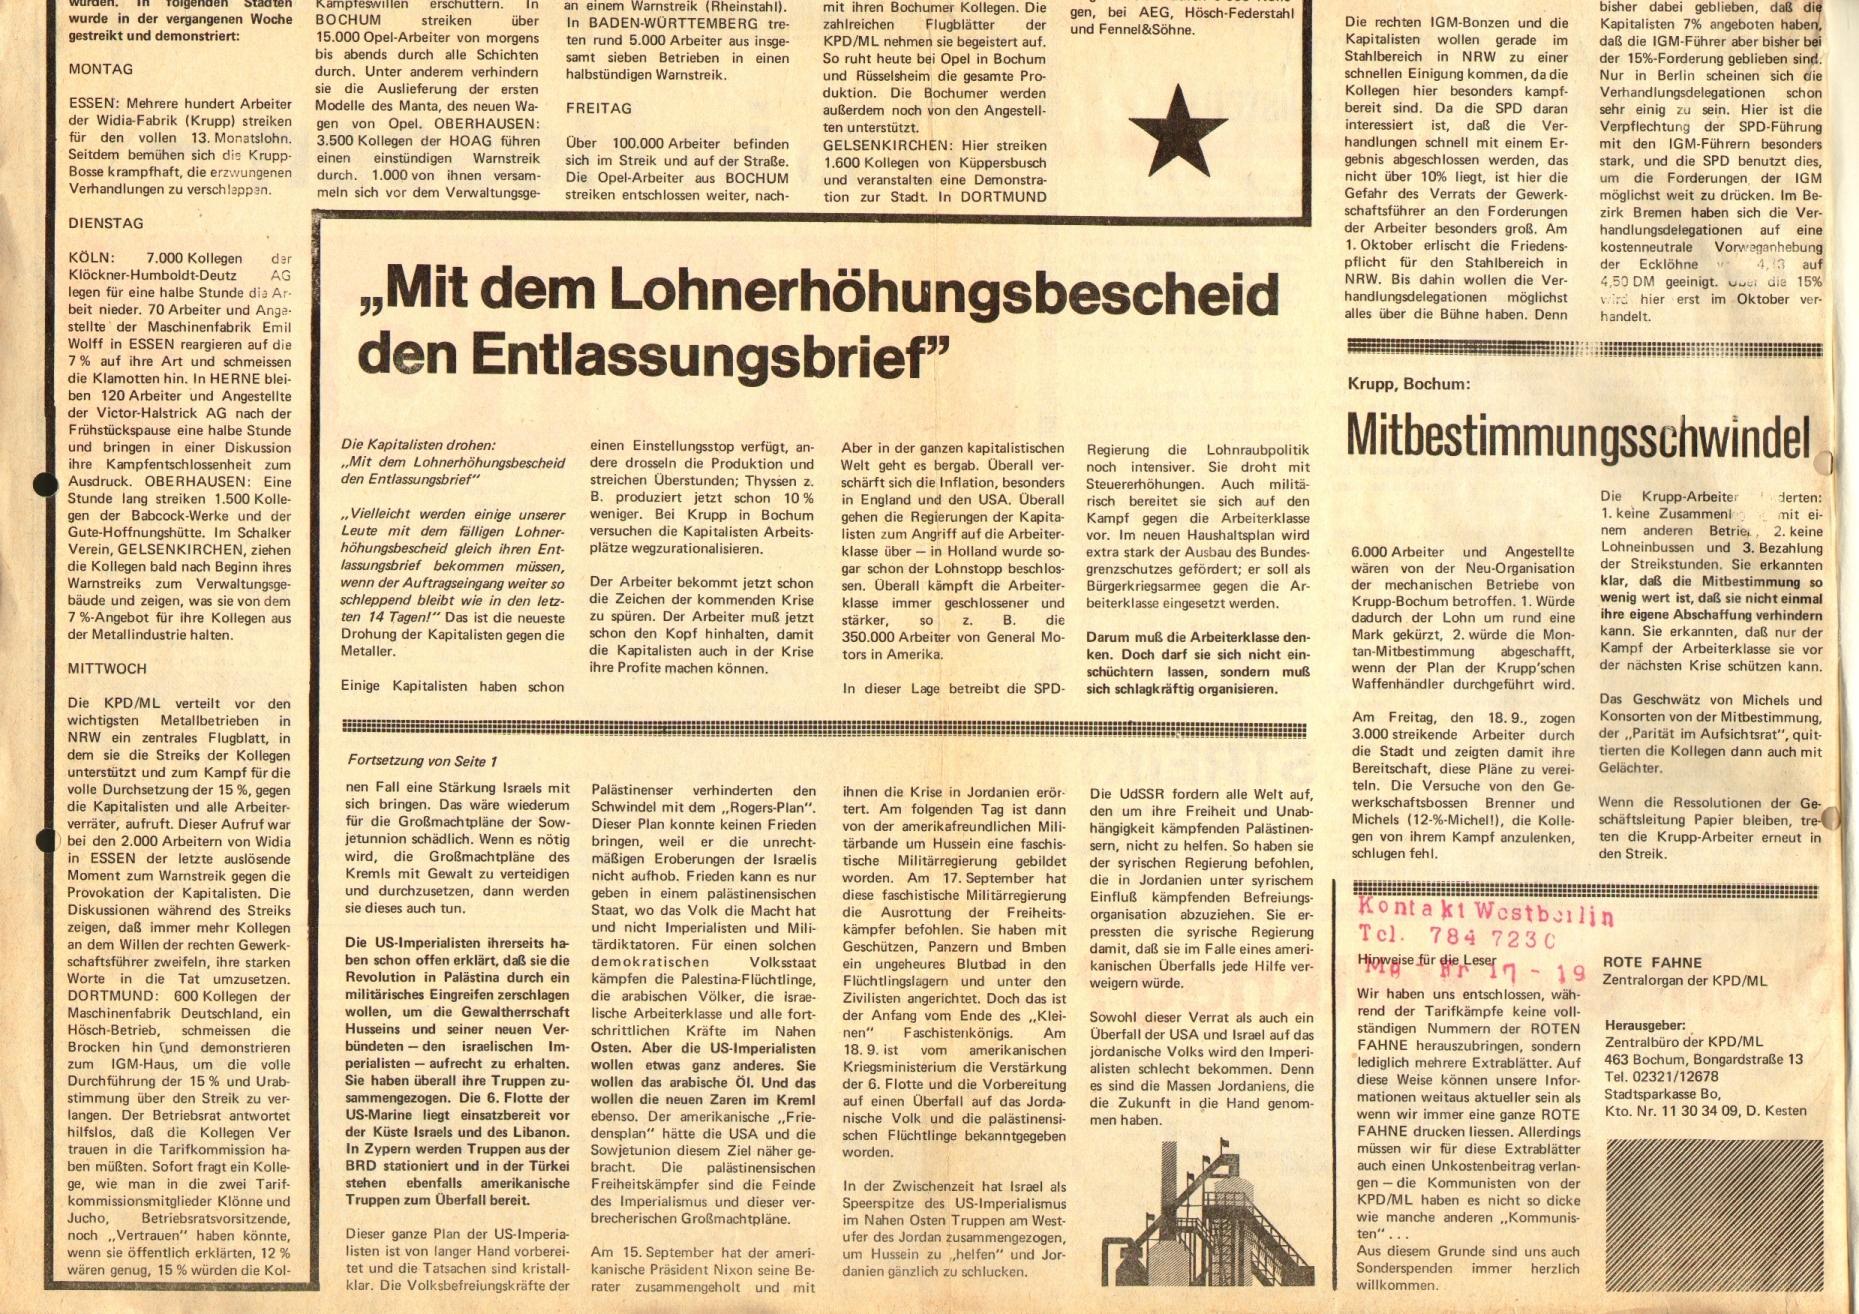 Rote Fahne, 1. Jg., 29. September 1970, Extrablatt, Seite 2 unten